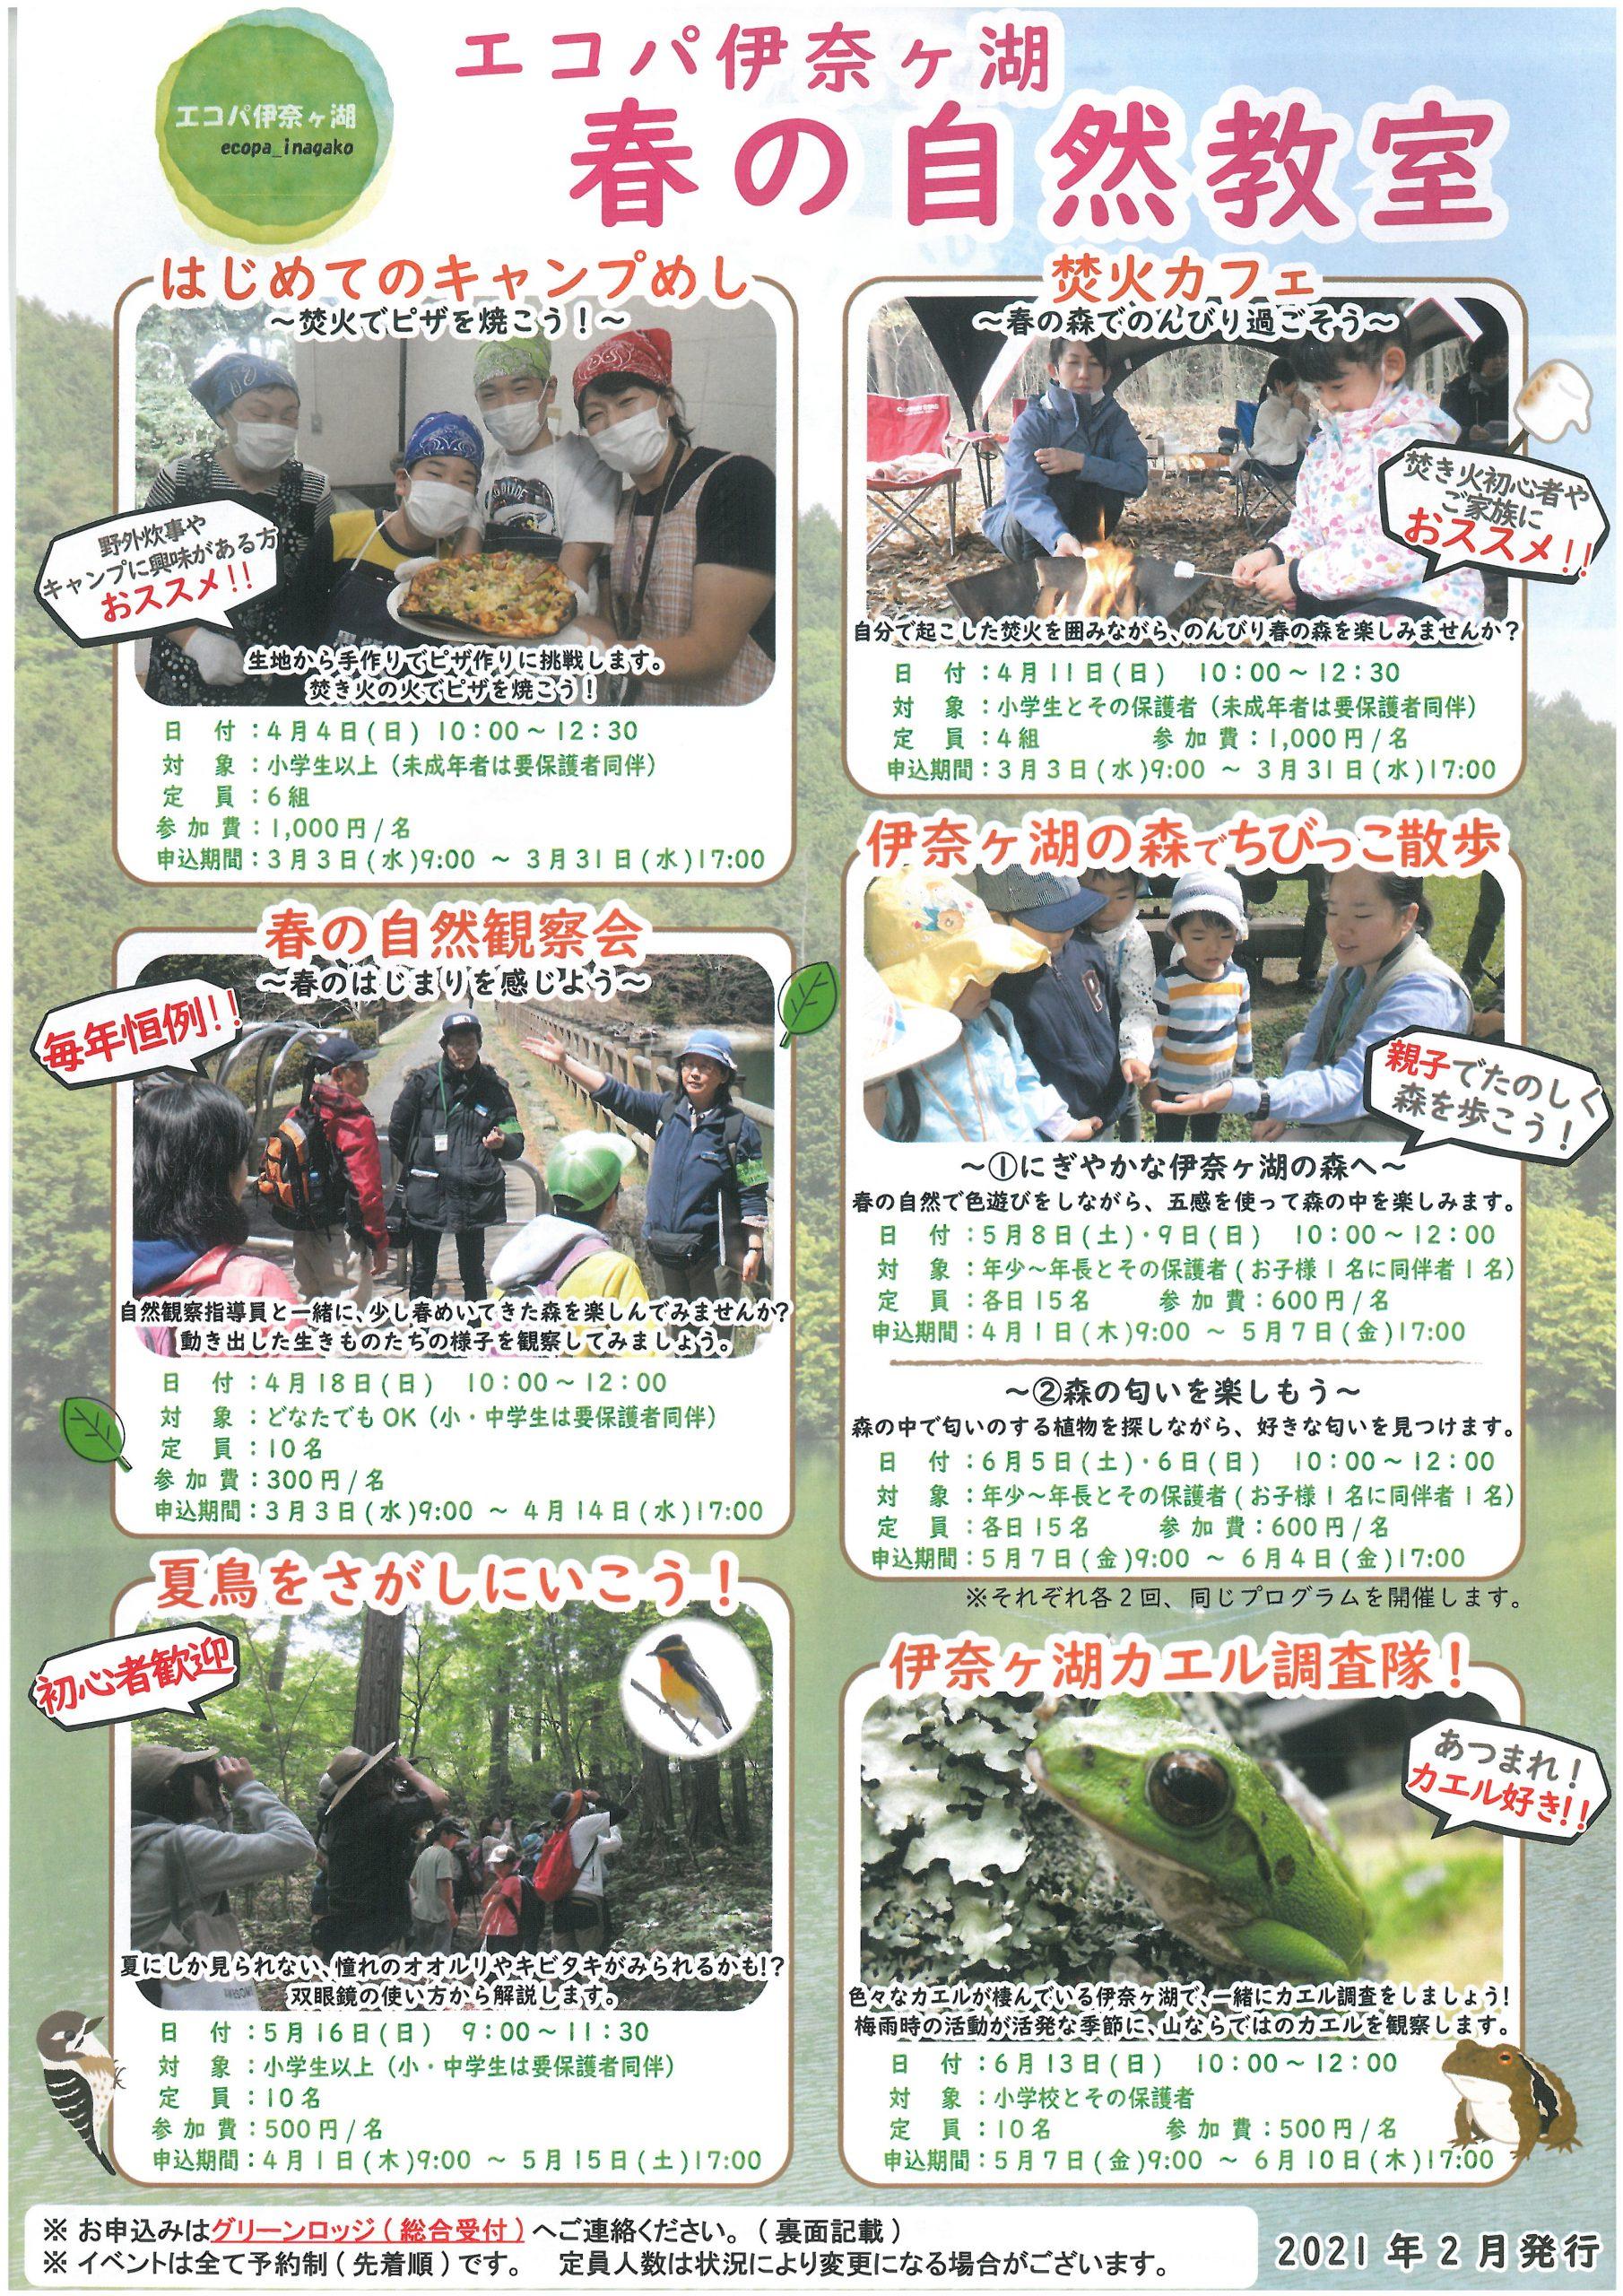 【エコパ伊奈ヶ湖  春の自然教室】